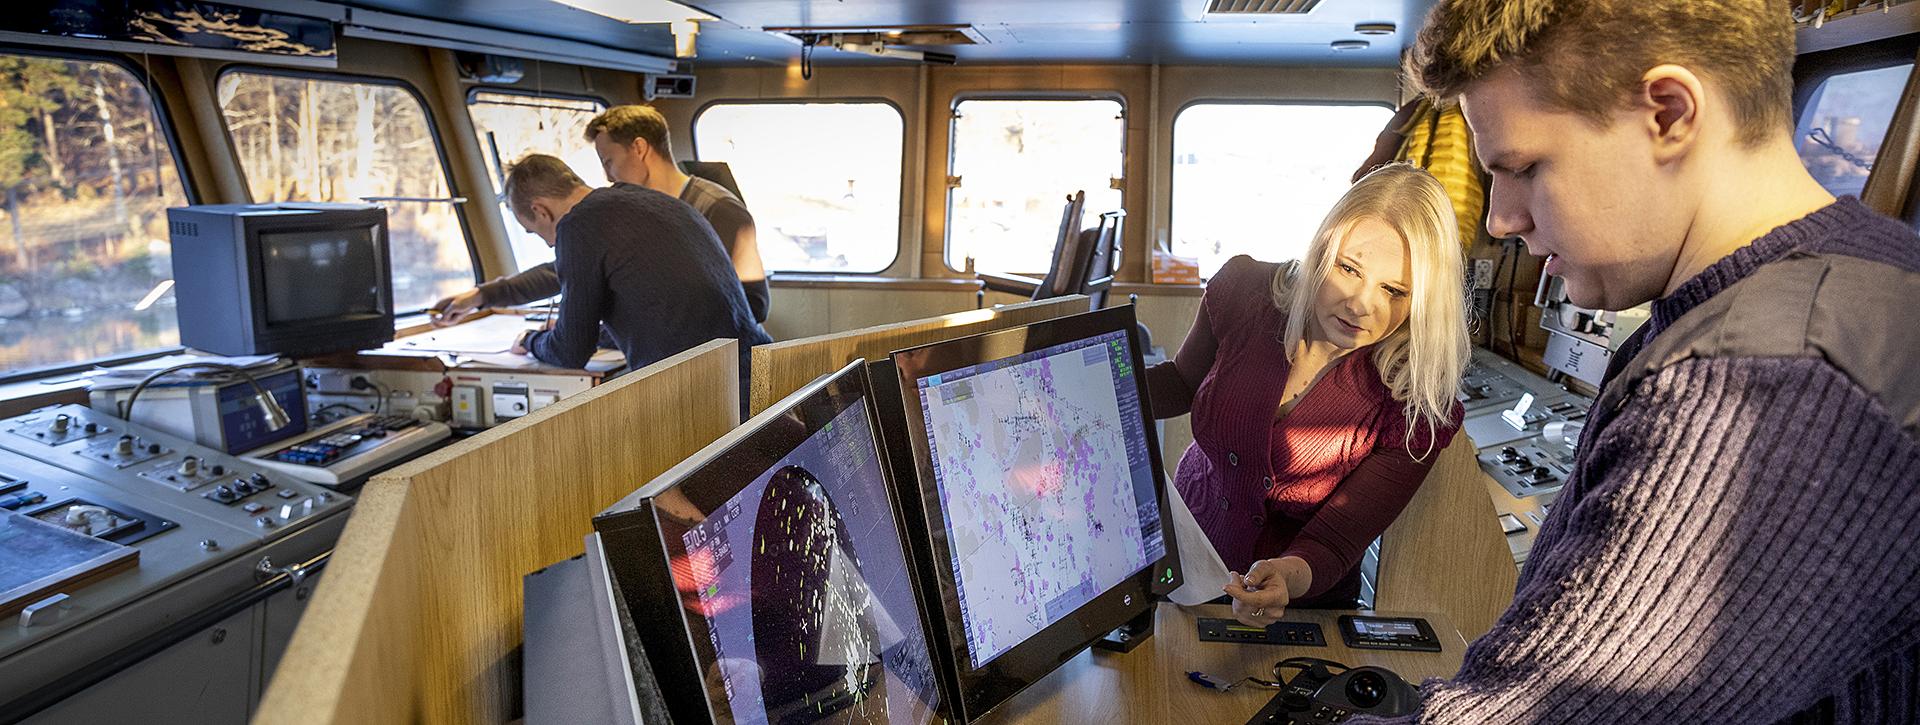 merikapteeni amk